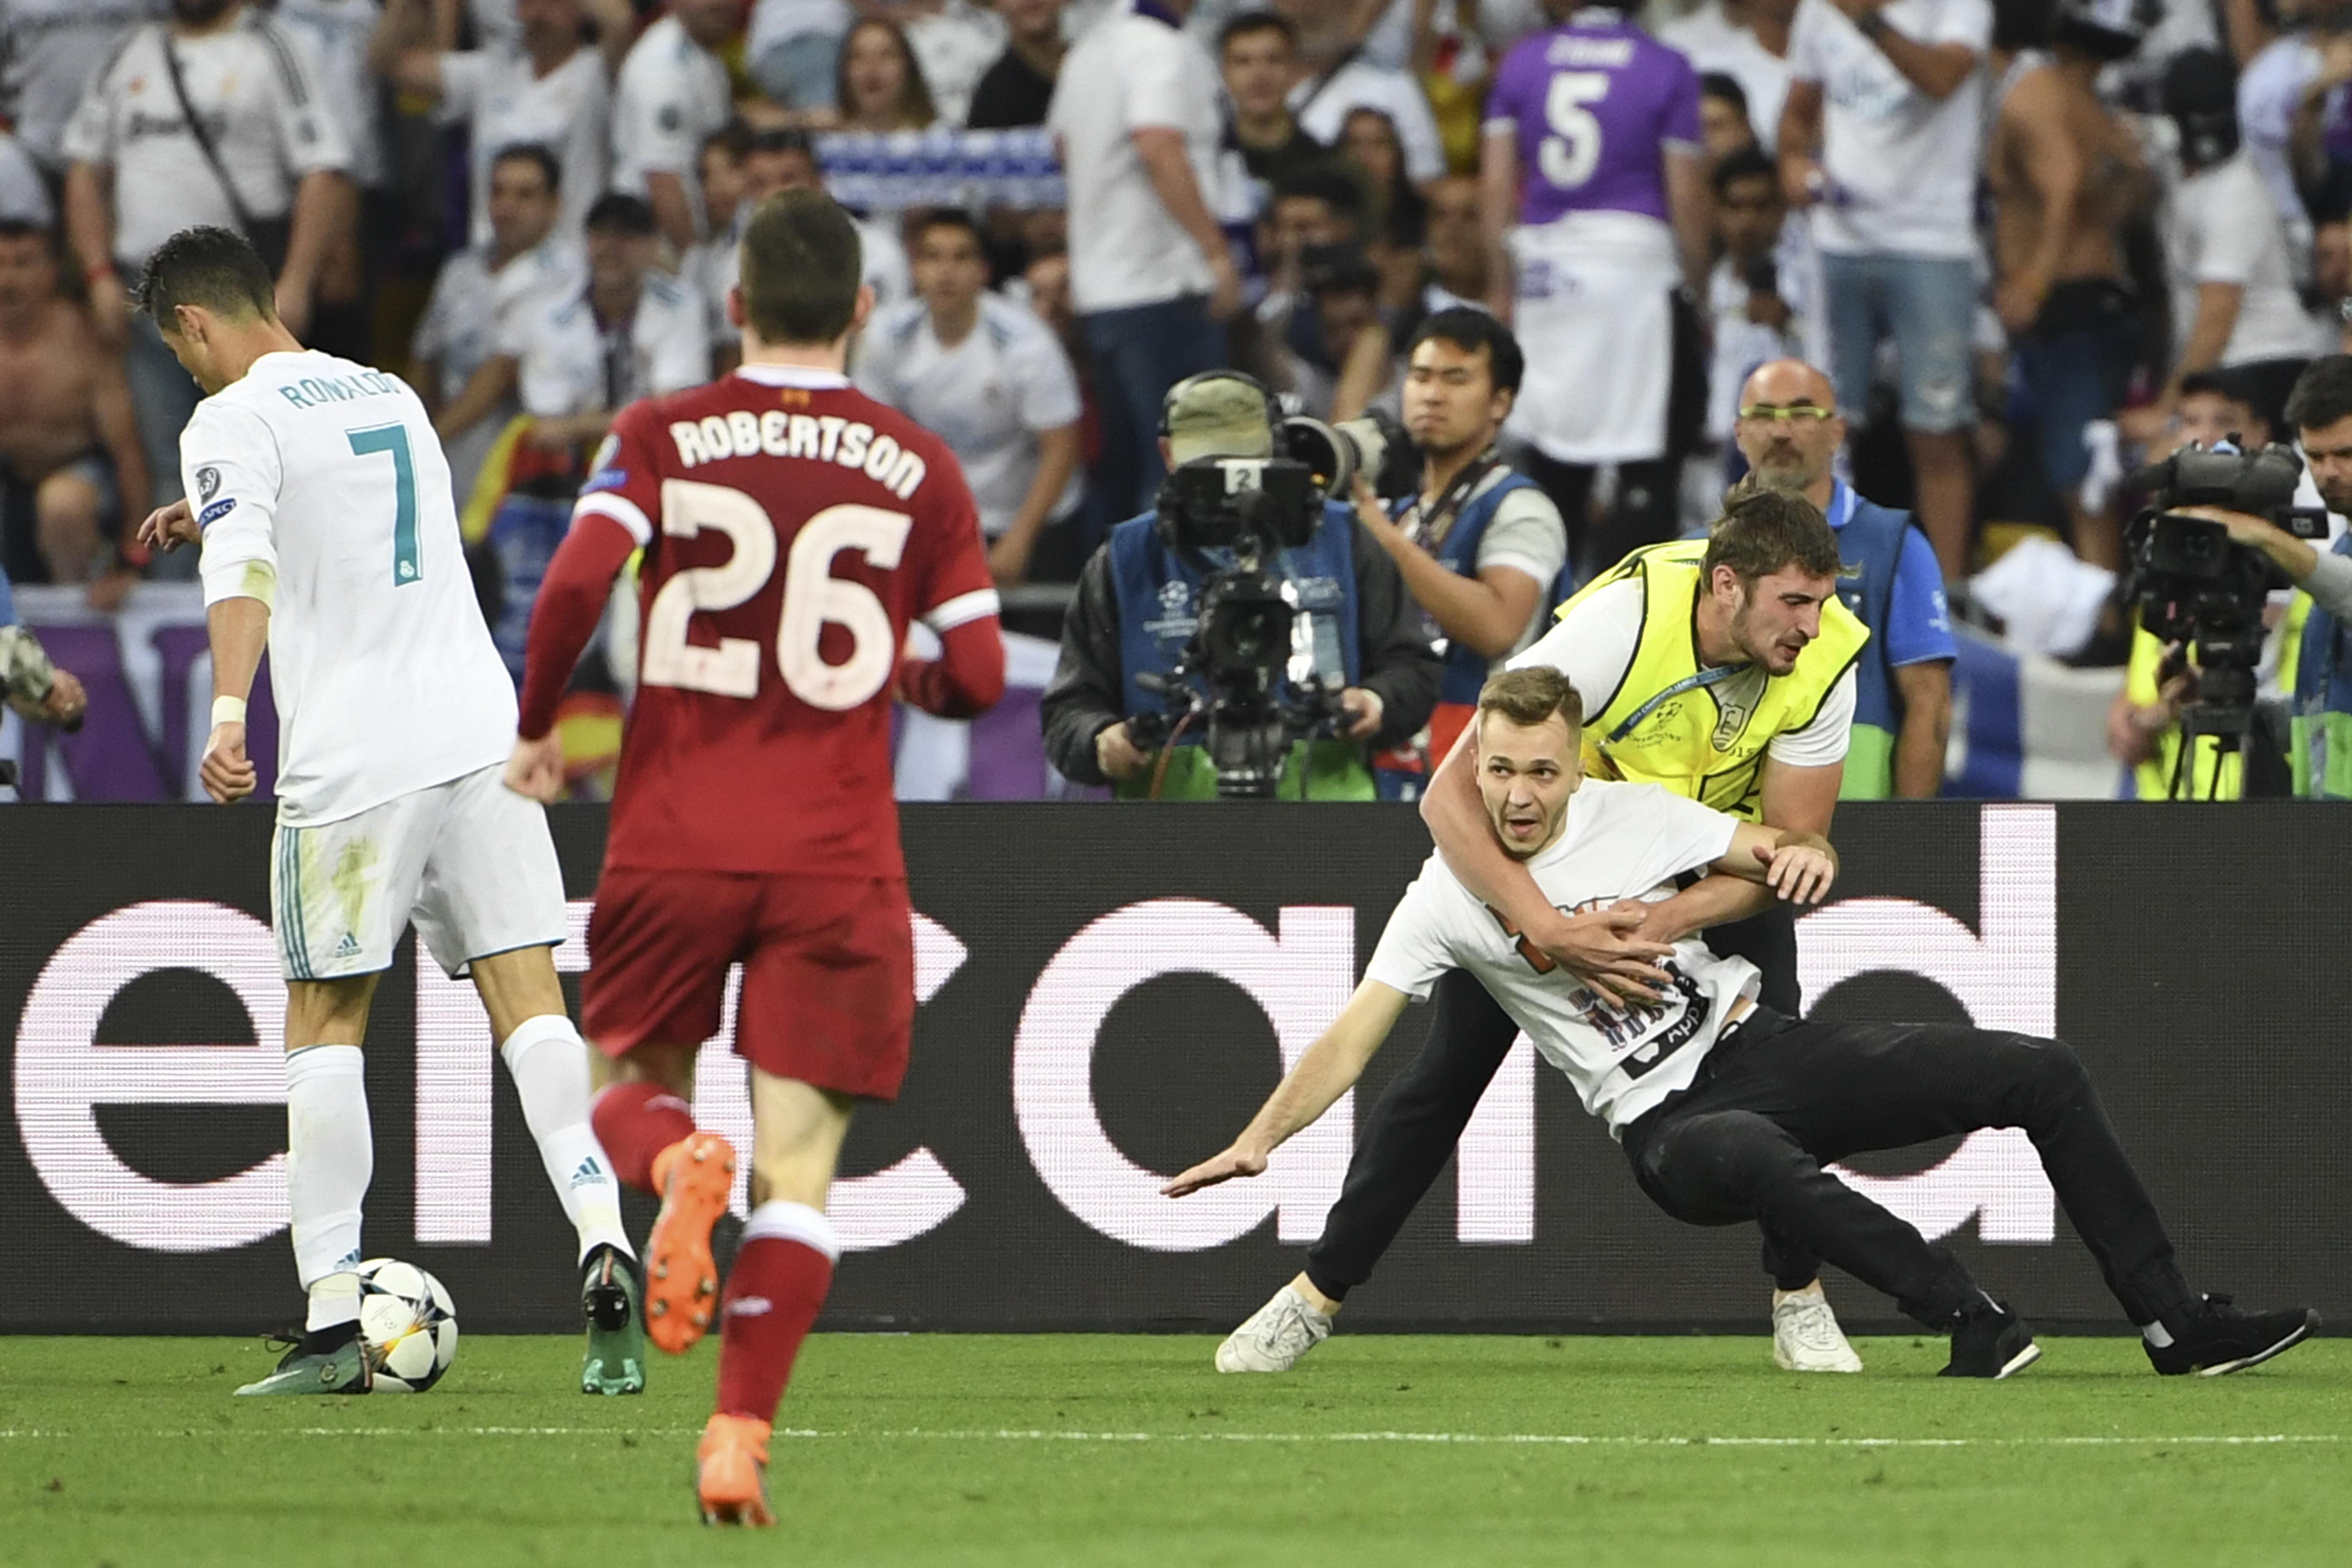 Egy pályára berohanó ember akadályozta meg Ronaldót a gólszerzésben